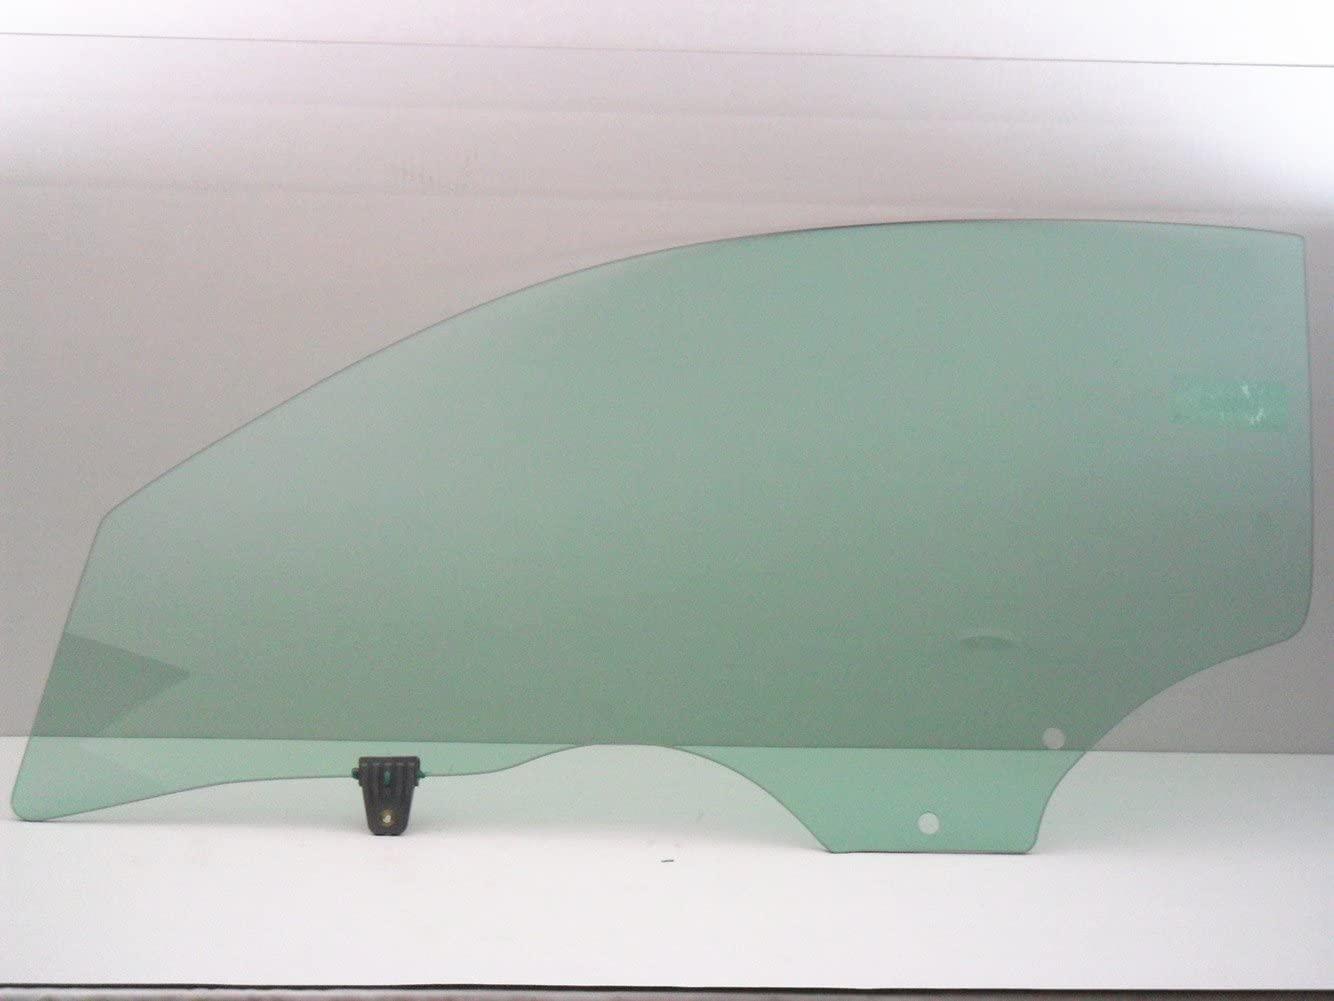 NAGD Driver Left Side Door Window Door Glass Compatible with Infiniti G35 2 Door Coupe 2003-2007 Models